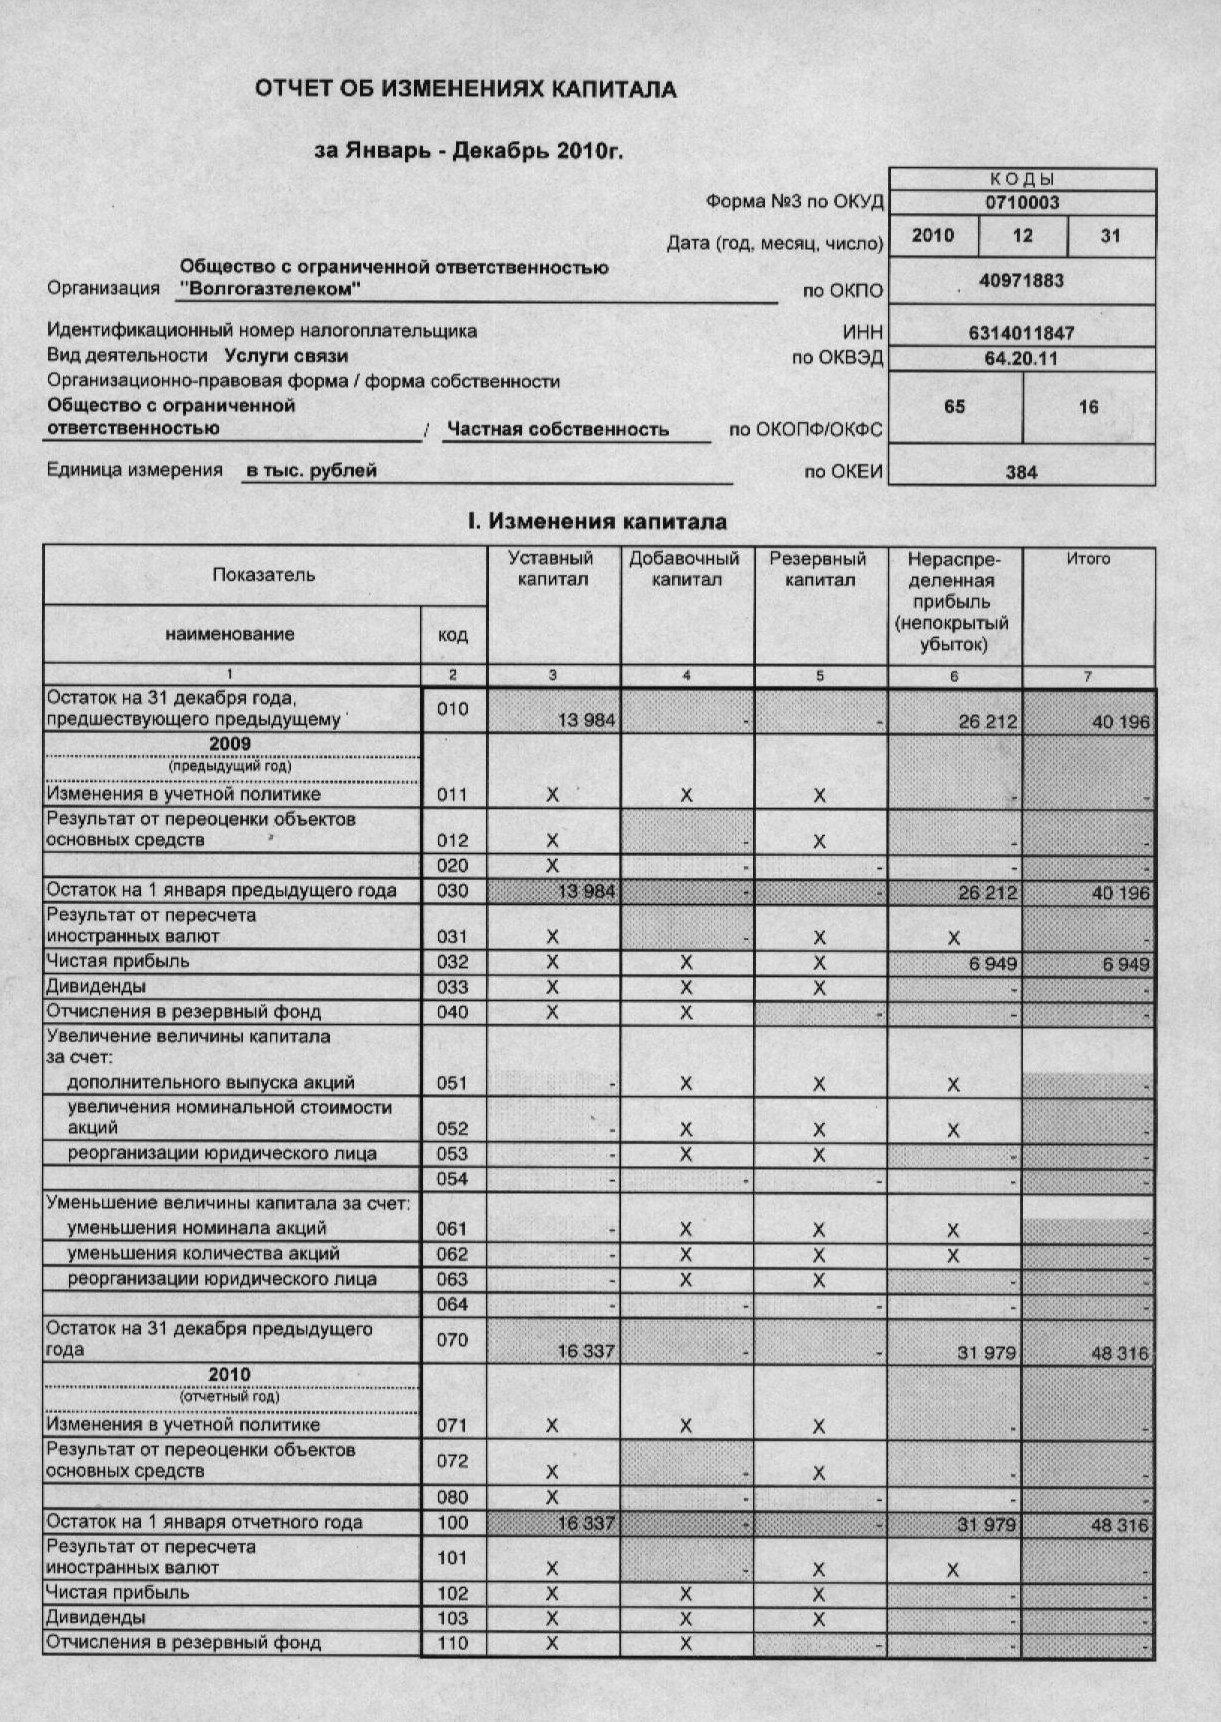 форма отчетности 0520 рекомендации